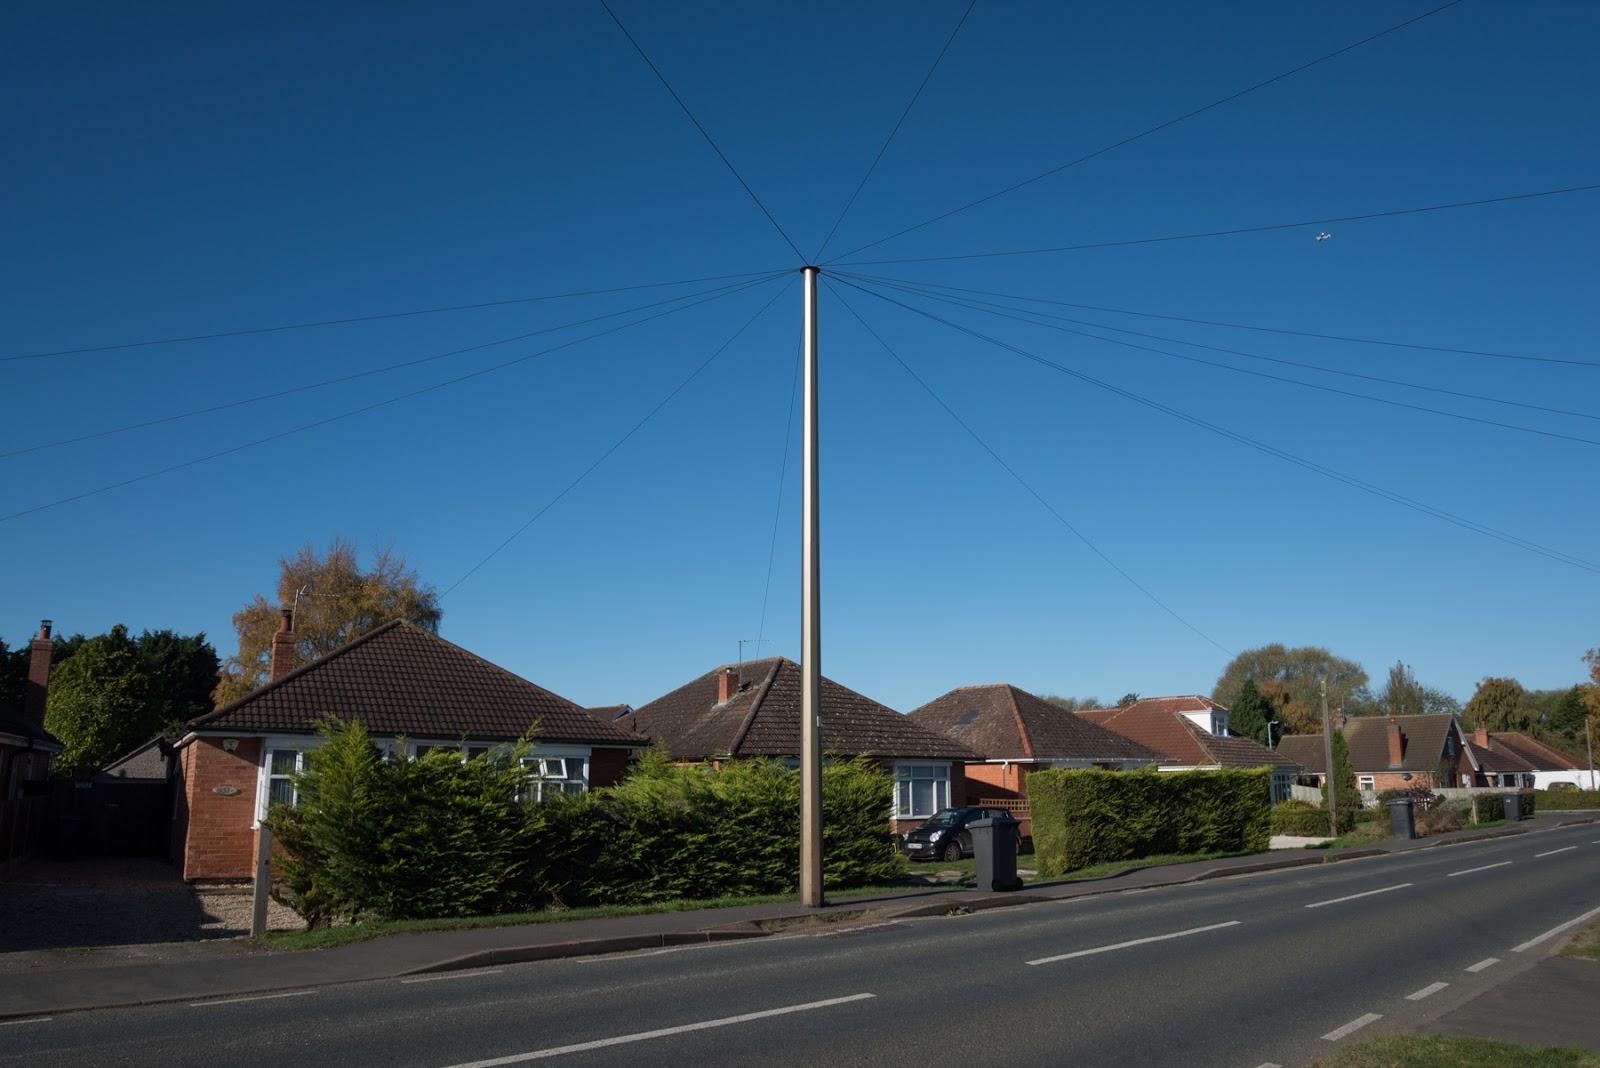 Telegraph pole - Ruskington